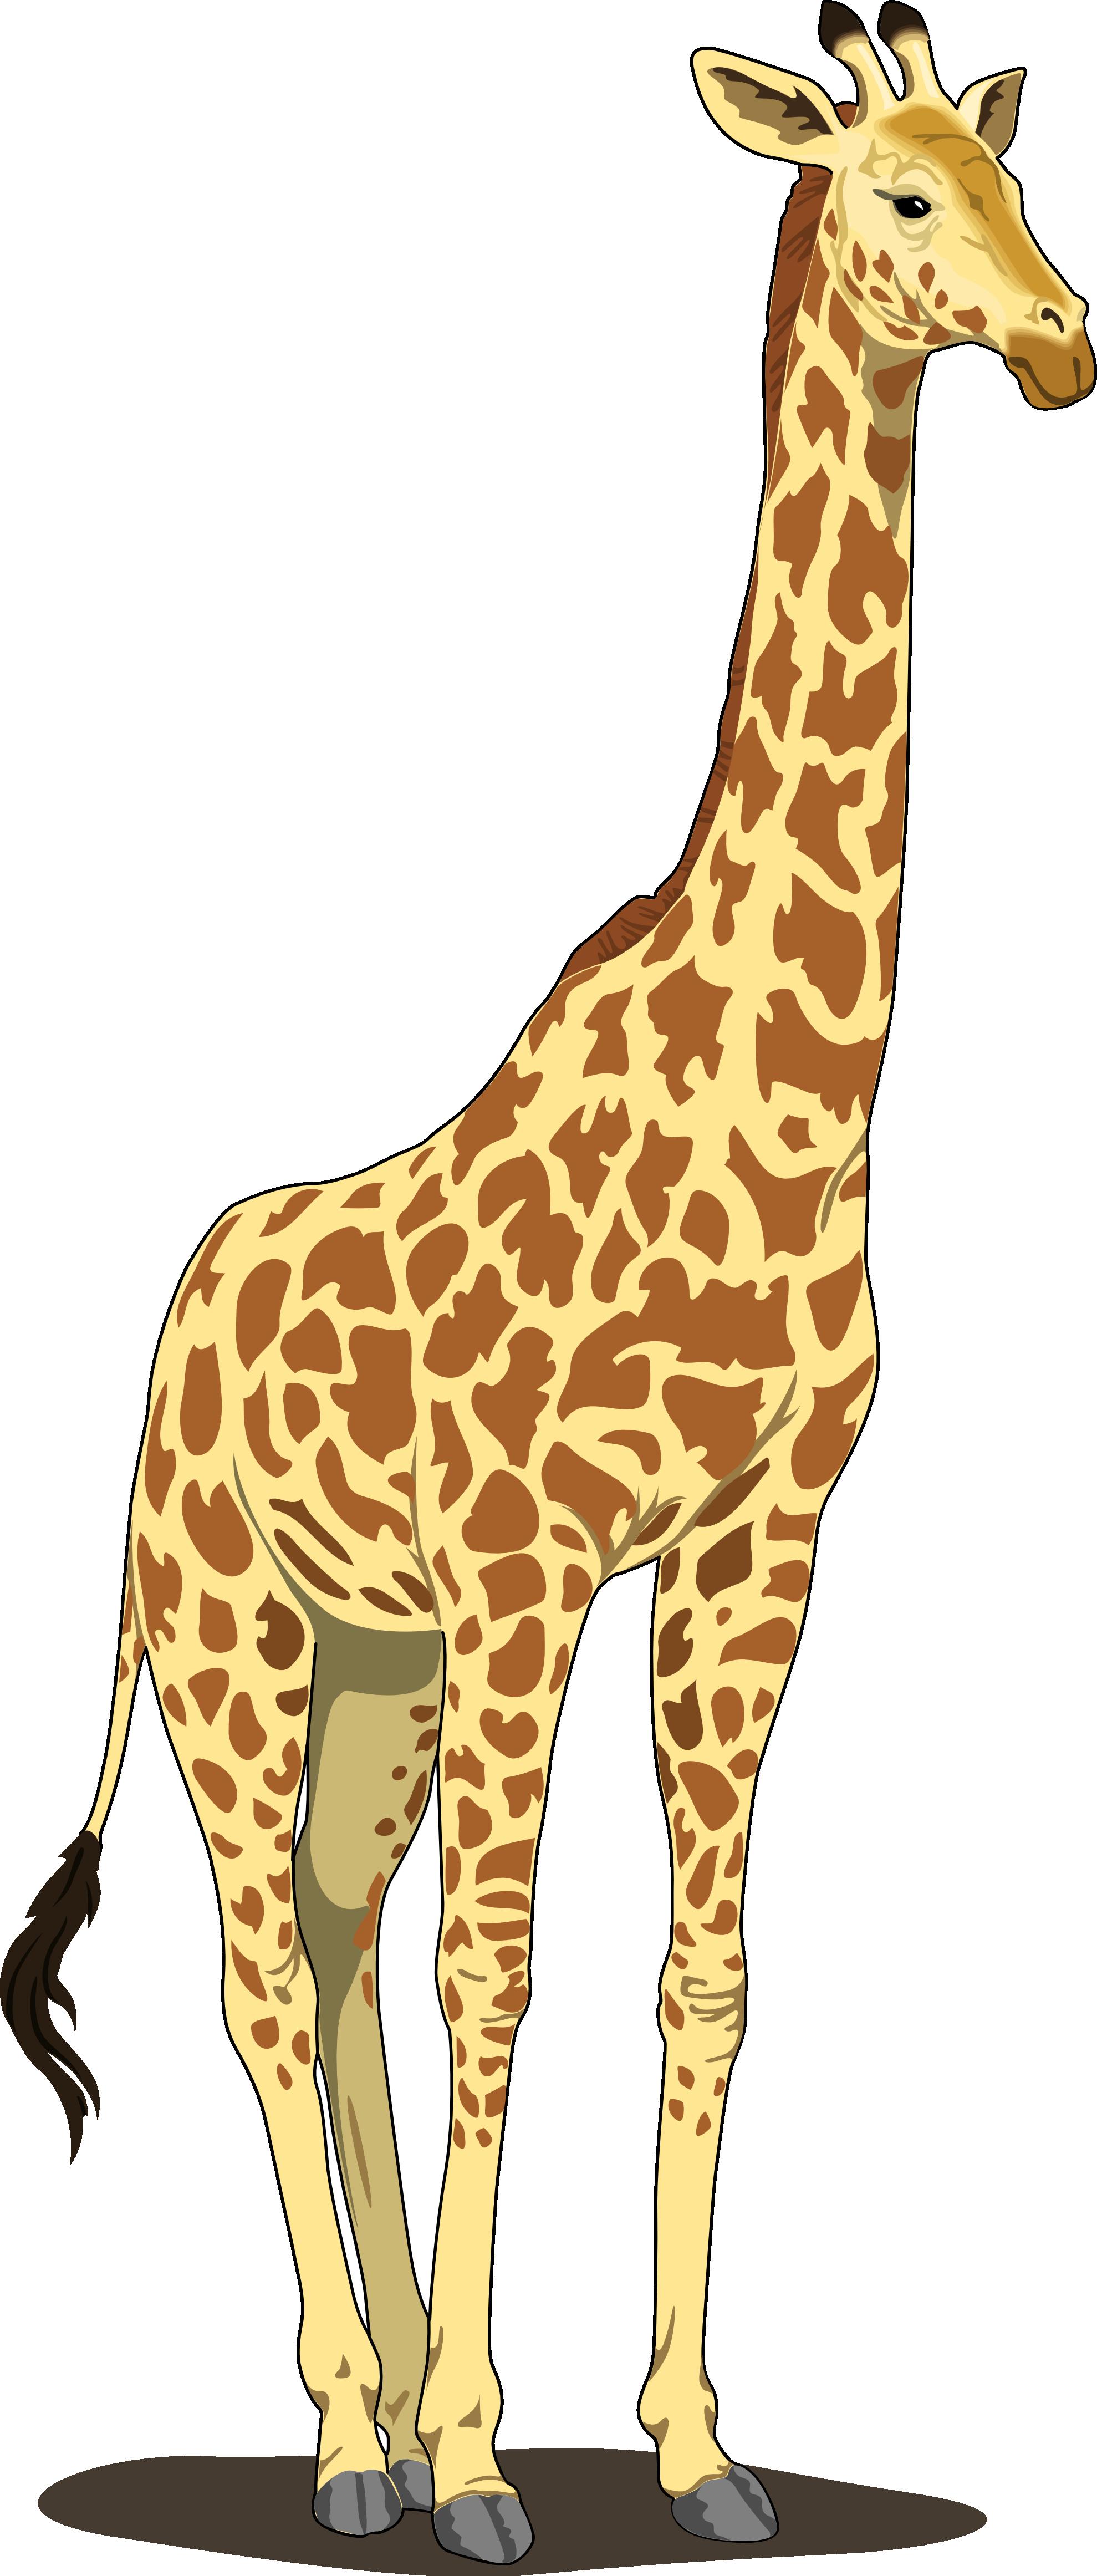 Png . Gold clipart giraffe